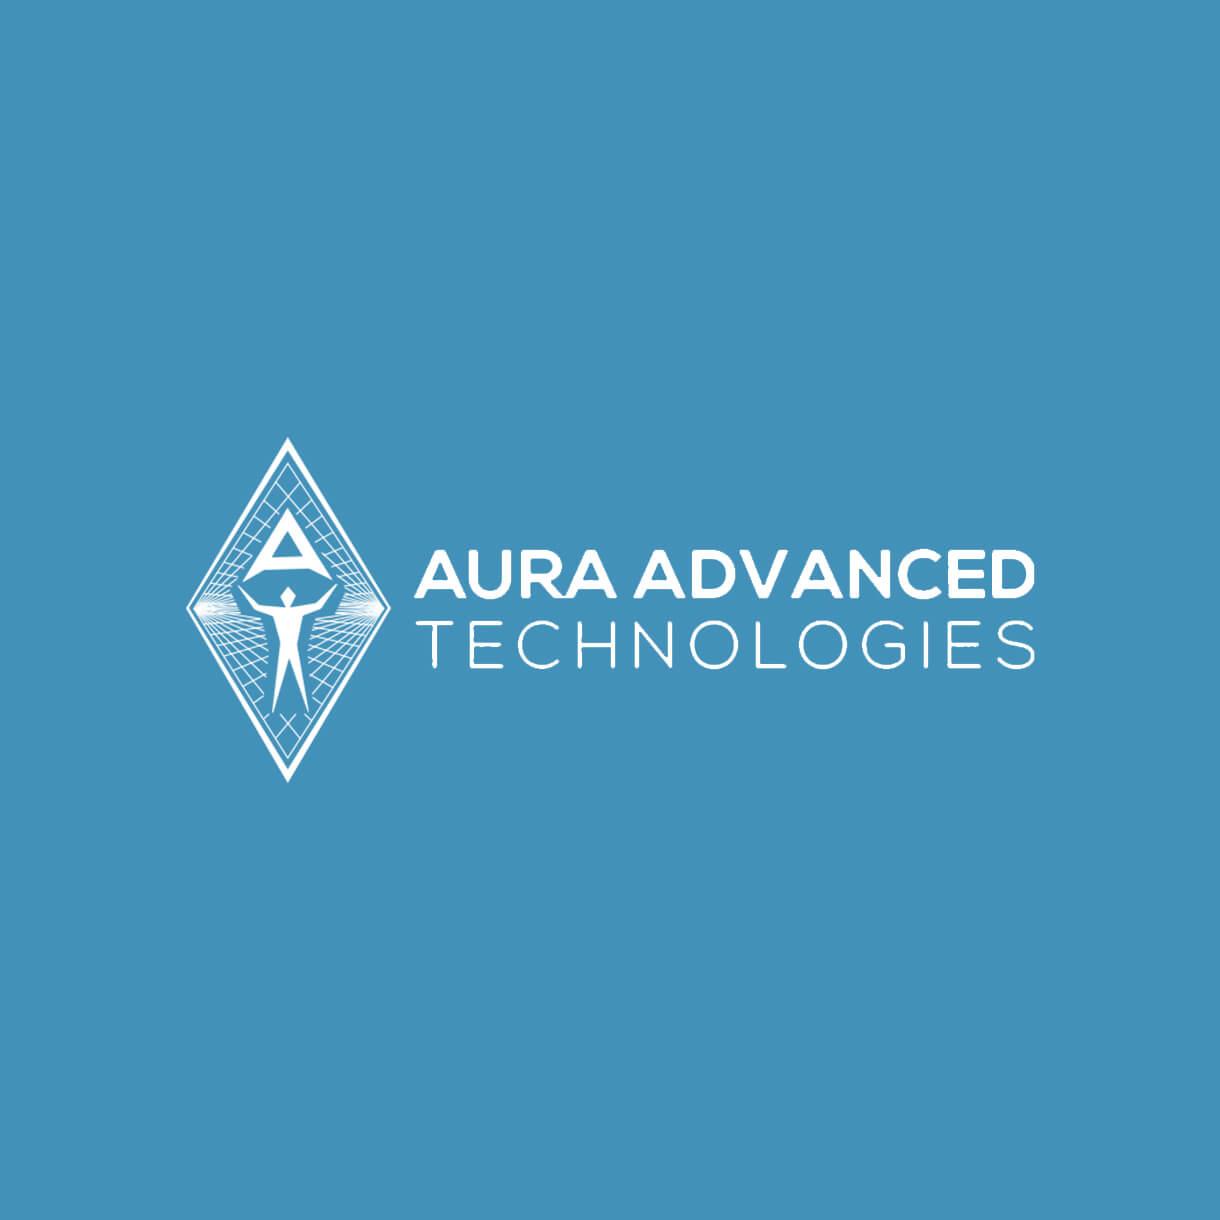 aura-advanced-technologies-main